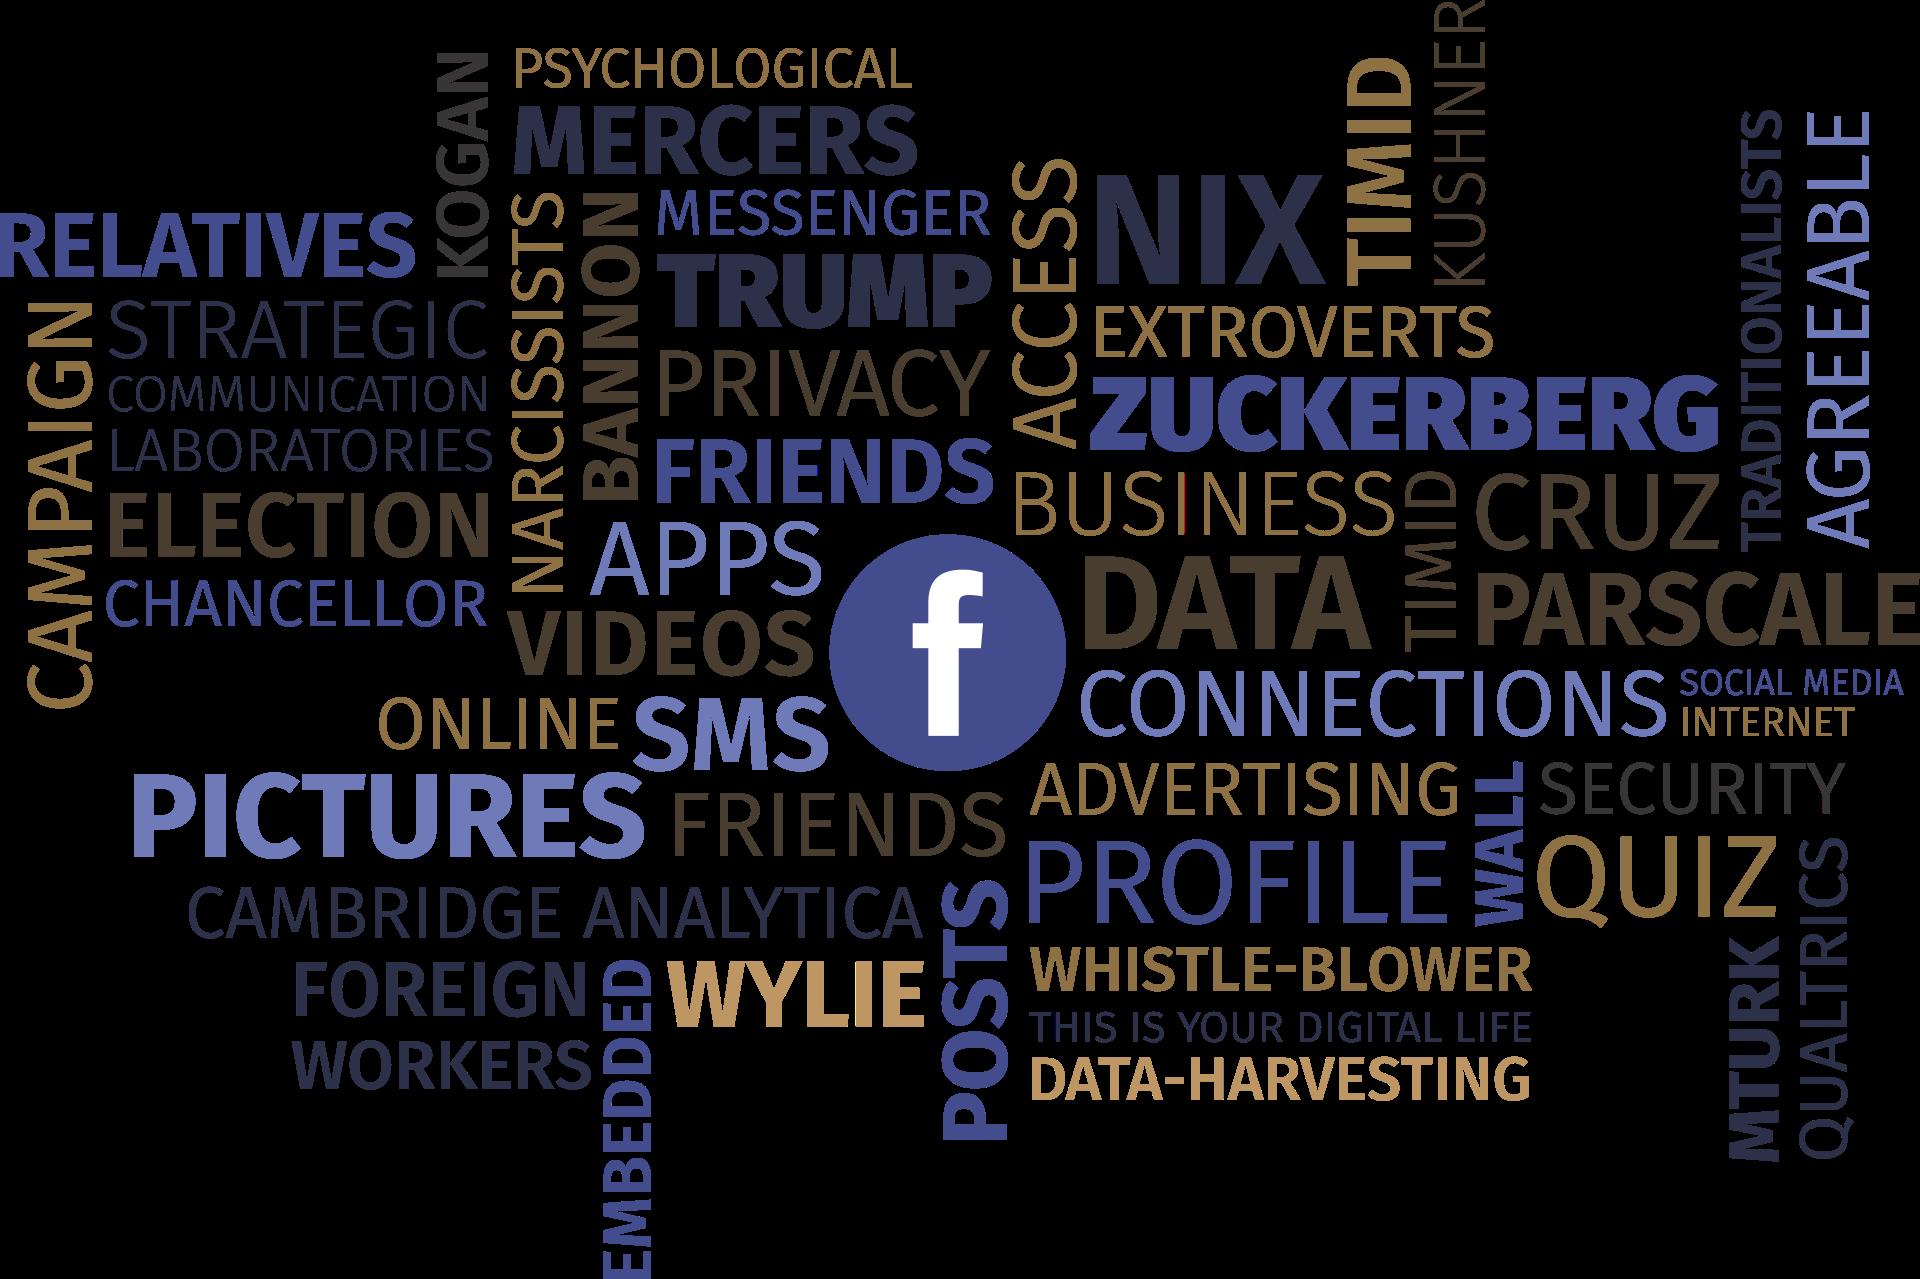 Nuage de mots autour du logo de Facebook